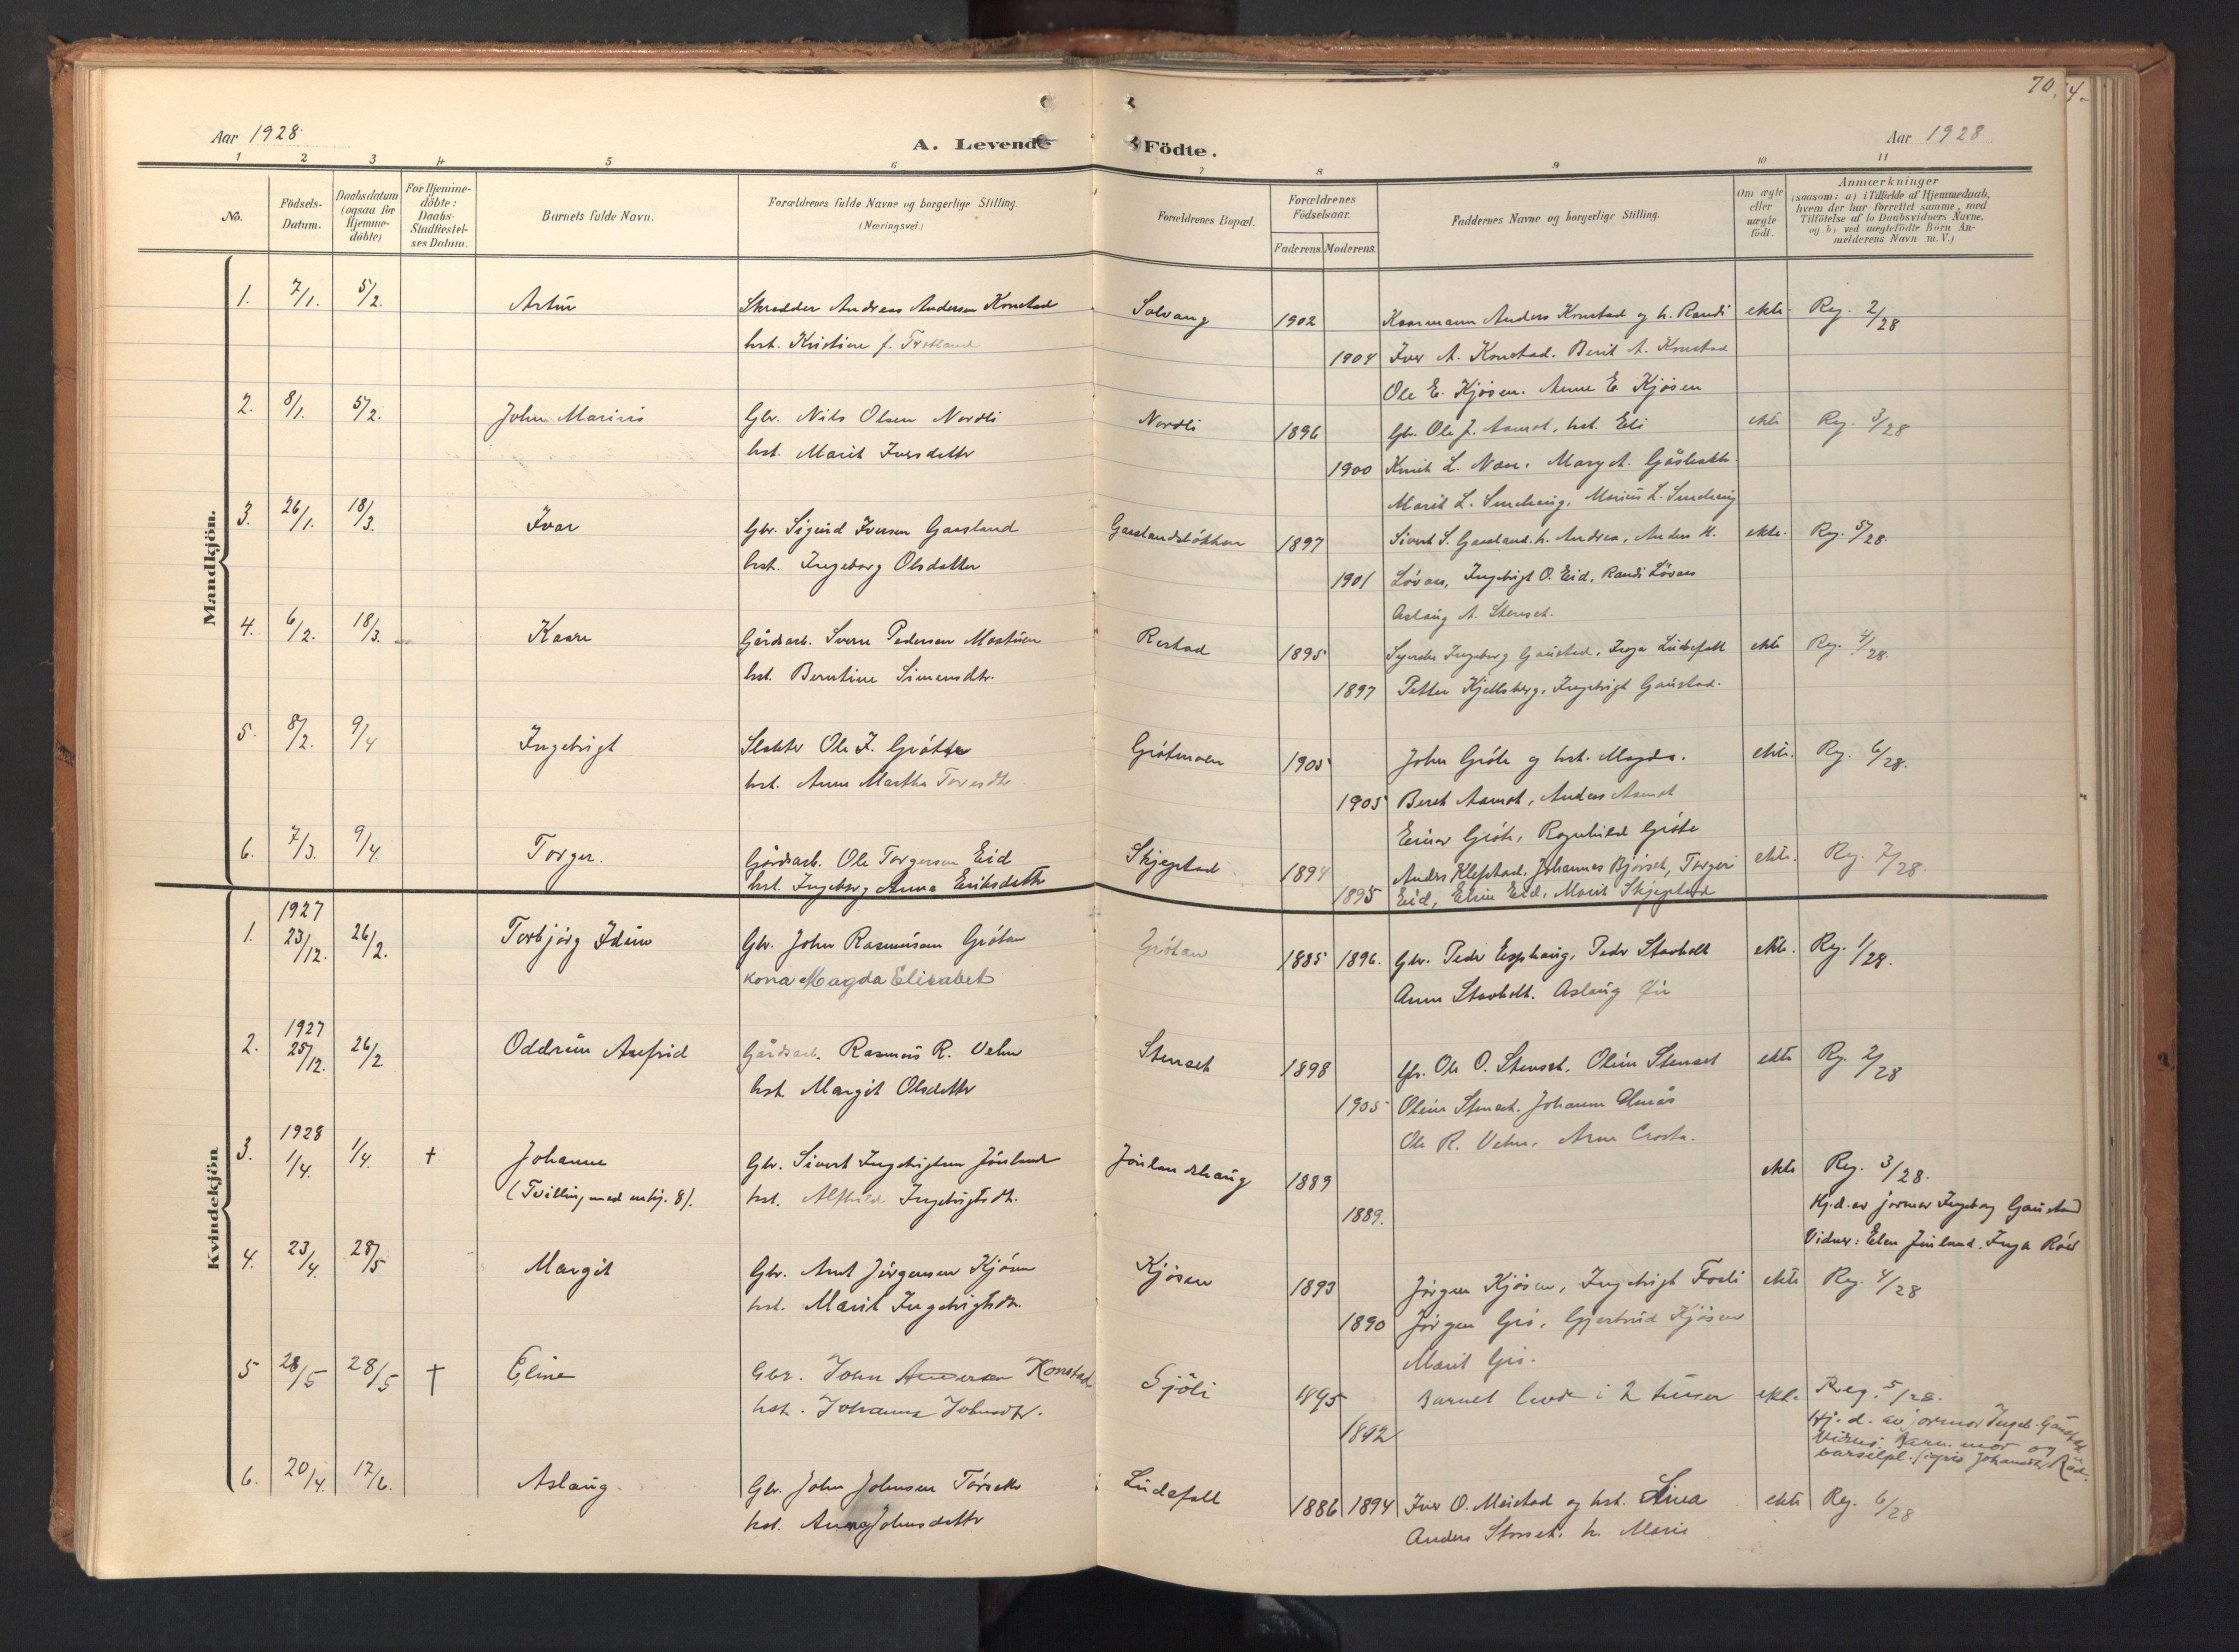 SAT, Ministerialprotokoller, klokkerbøker og fødselsregistre - Sør-Trøndelag, 694/L1128: Ministerialbok nr. 694A02, 1906-1931, s. 70